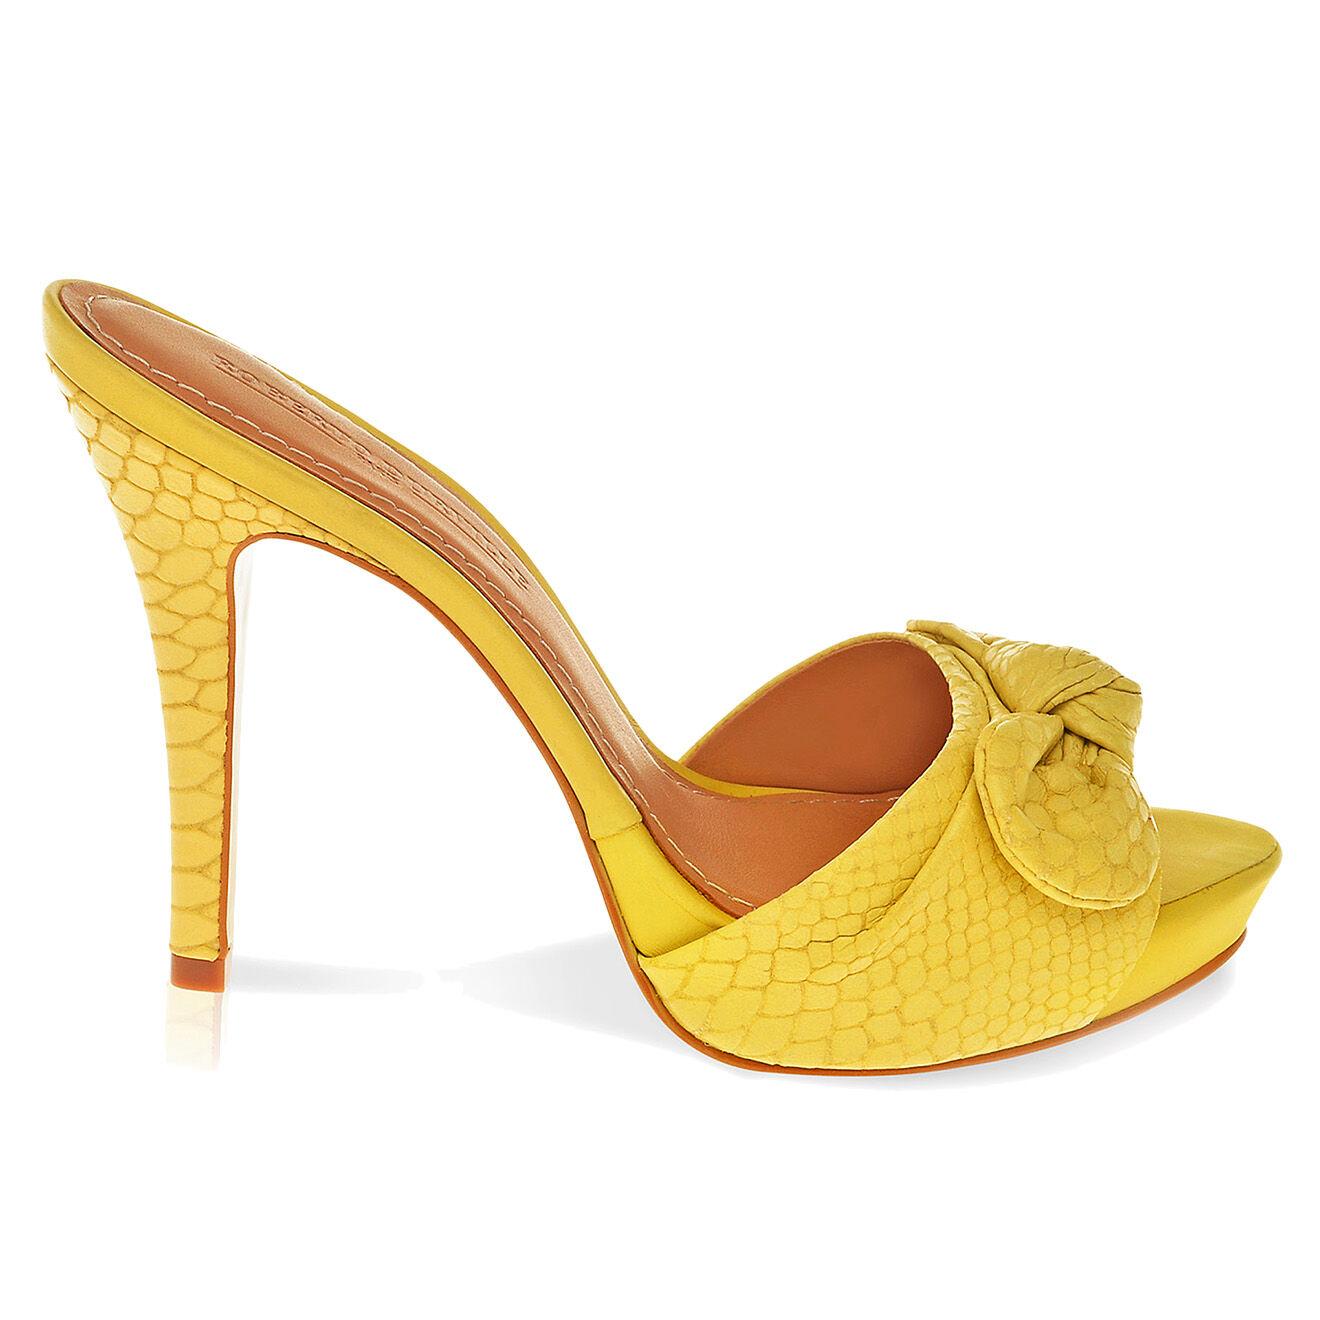 Sandales en Cuir Justine jaunes Talon 9.5 cm